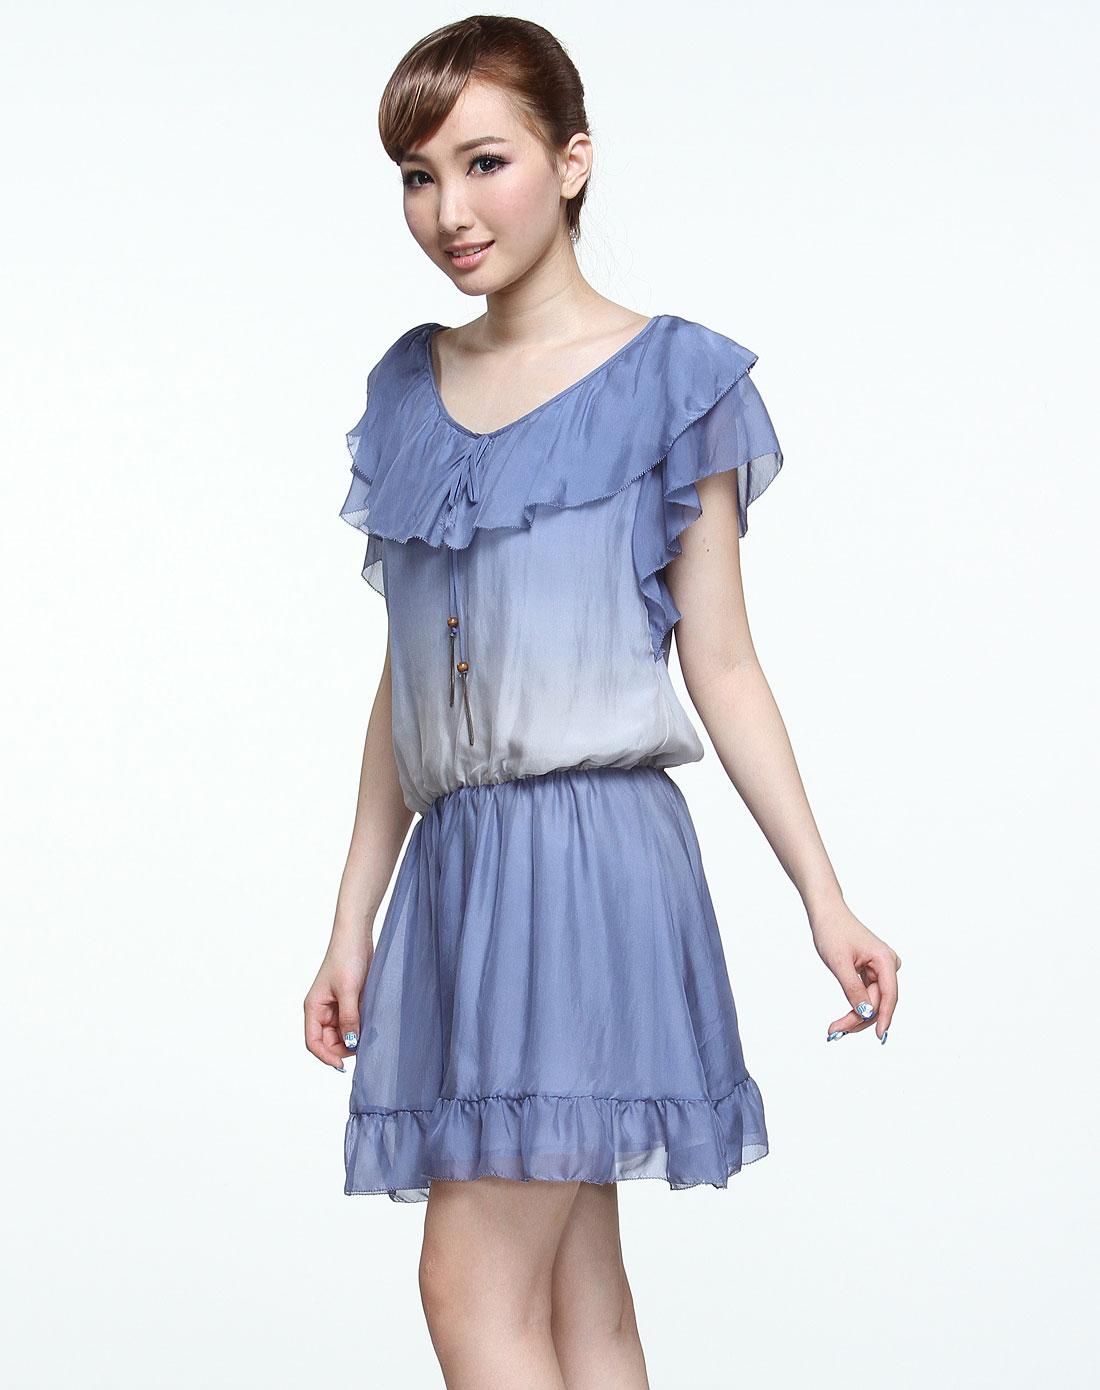 浅蓝色渐变简约无袖连衣裙